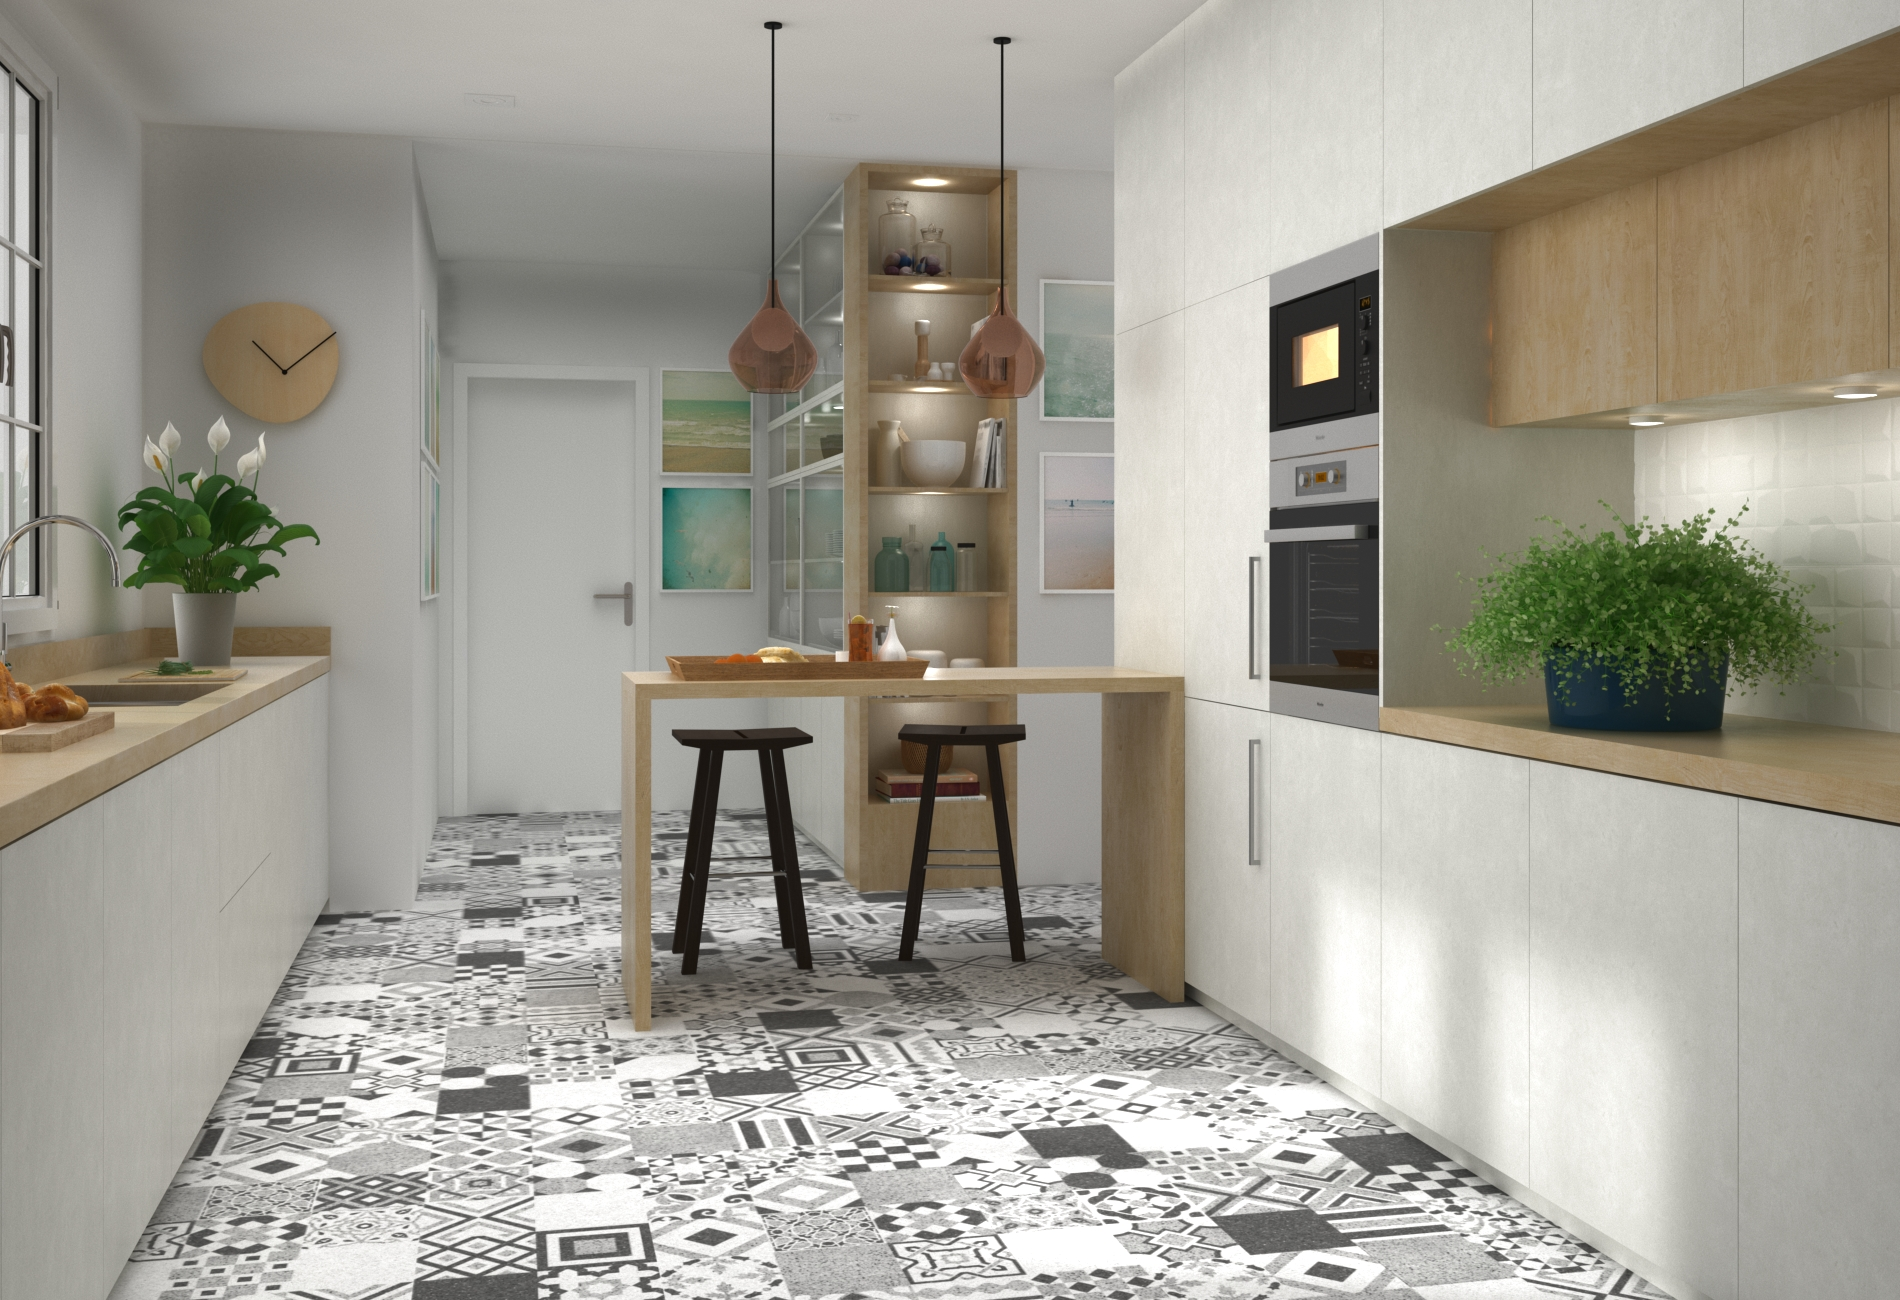 Dise o ambiente cocina 3d arquitectura y 3d valencia ardis3d - Diseno cocina 3d ...